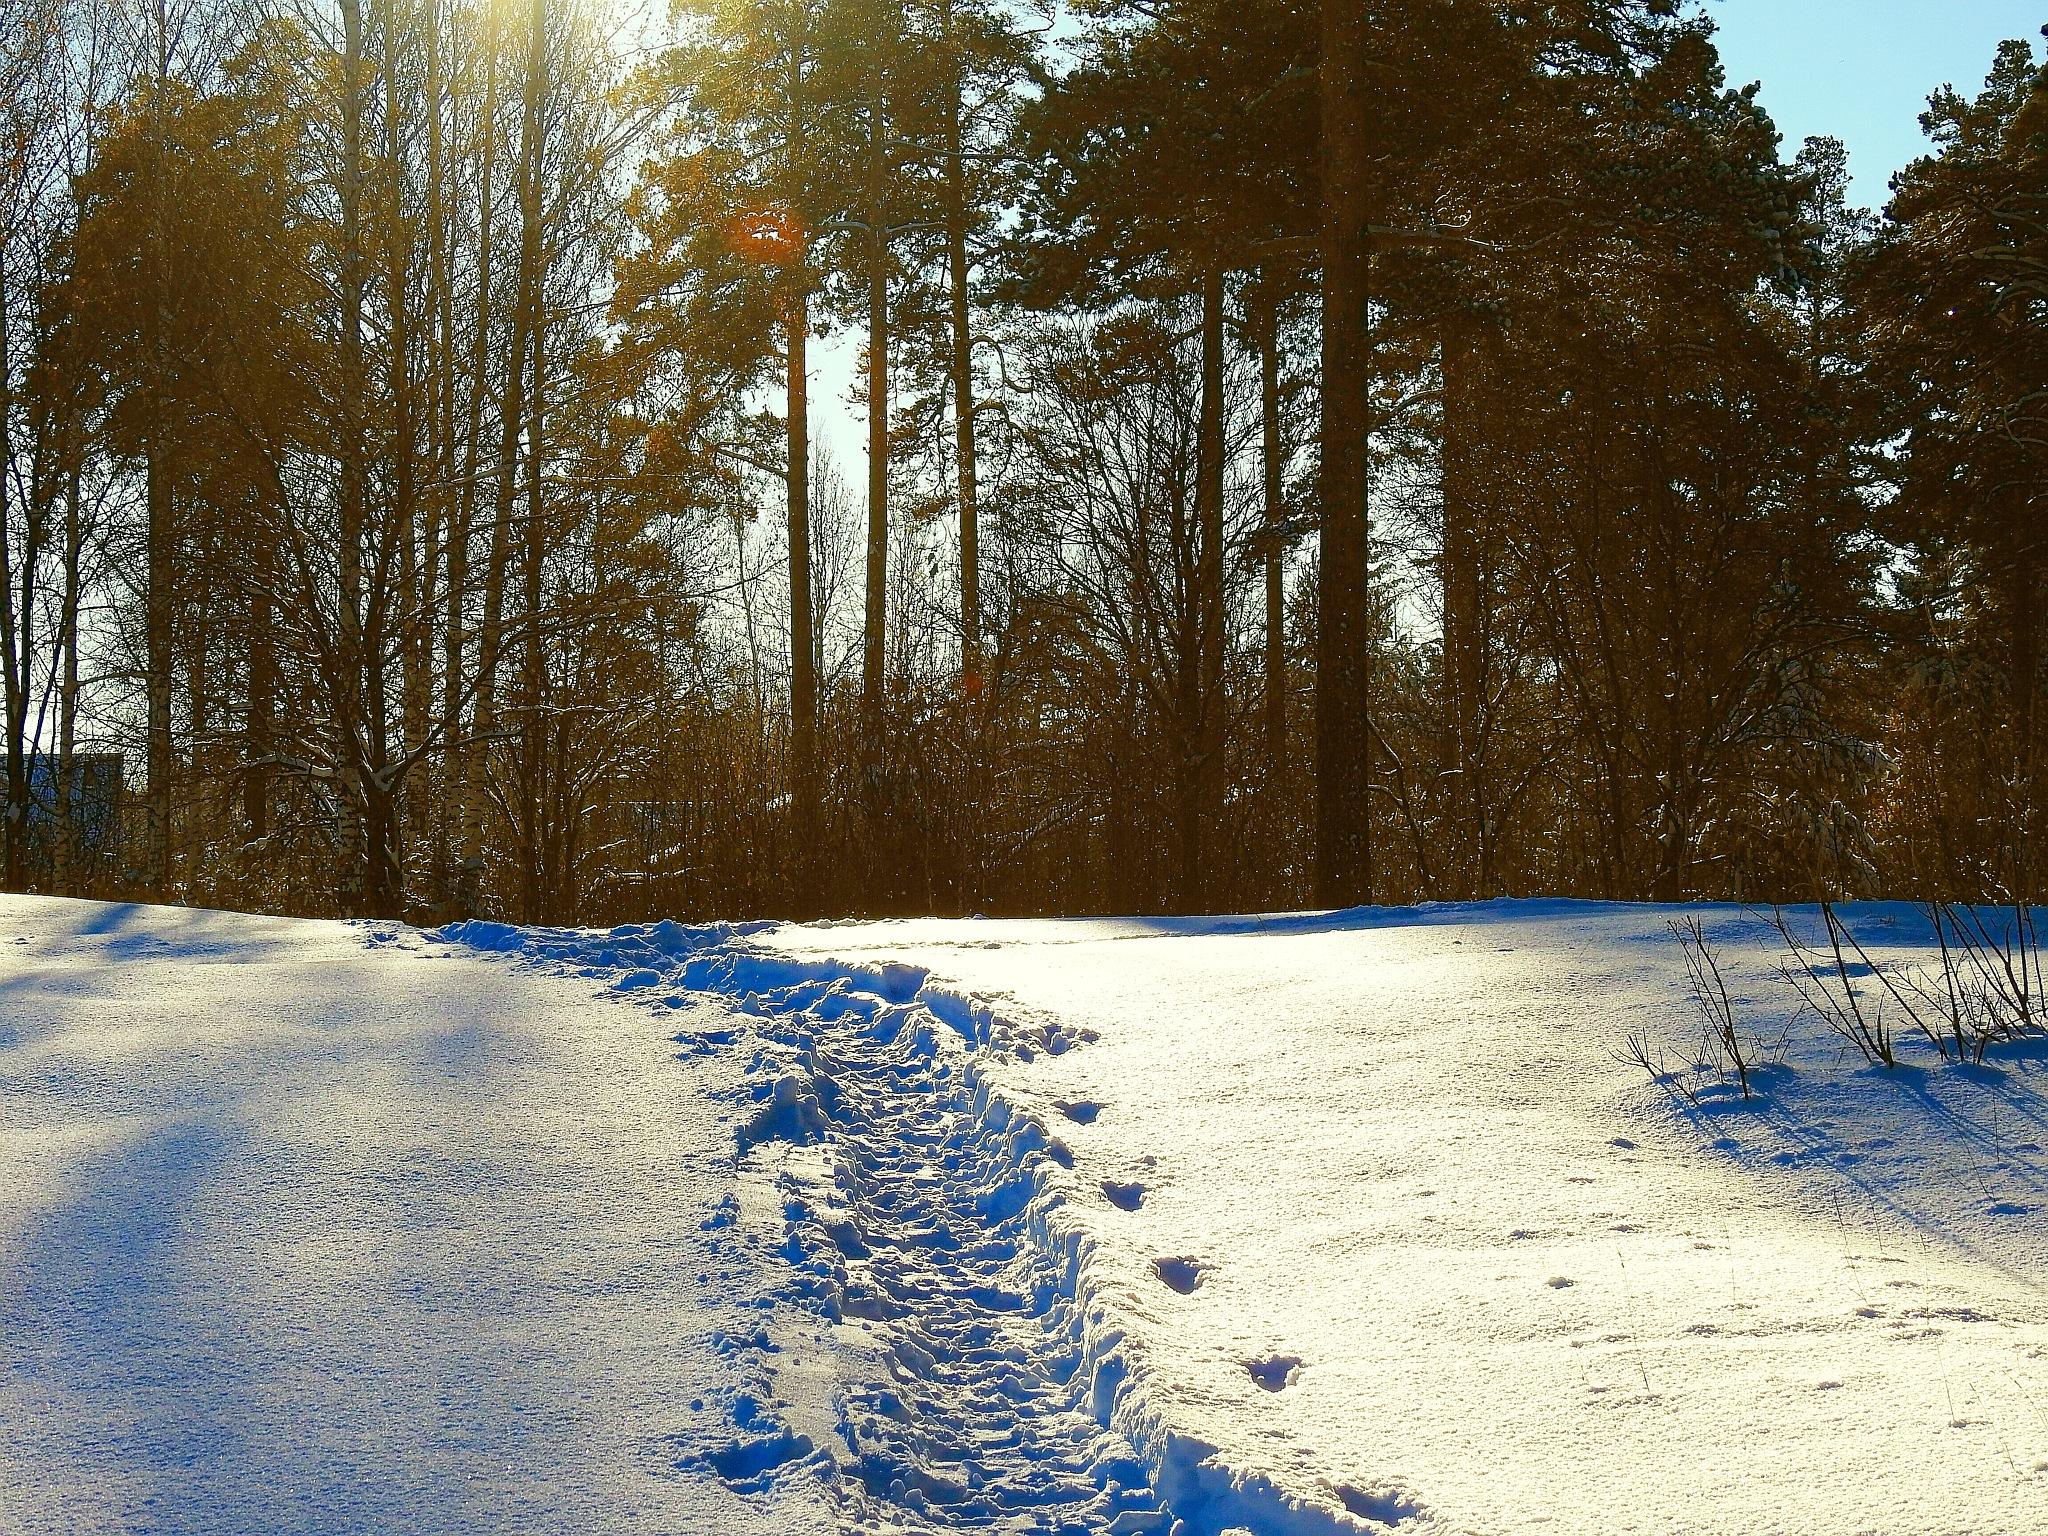 Light of the Sun on Snow by sergey.parfeniuk